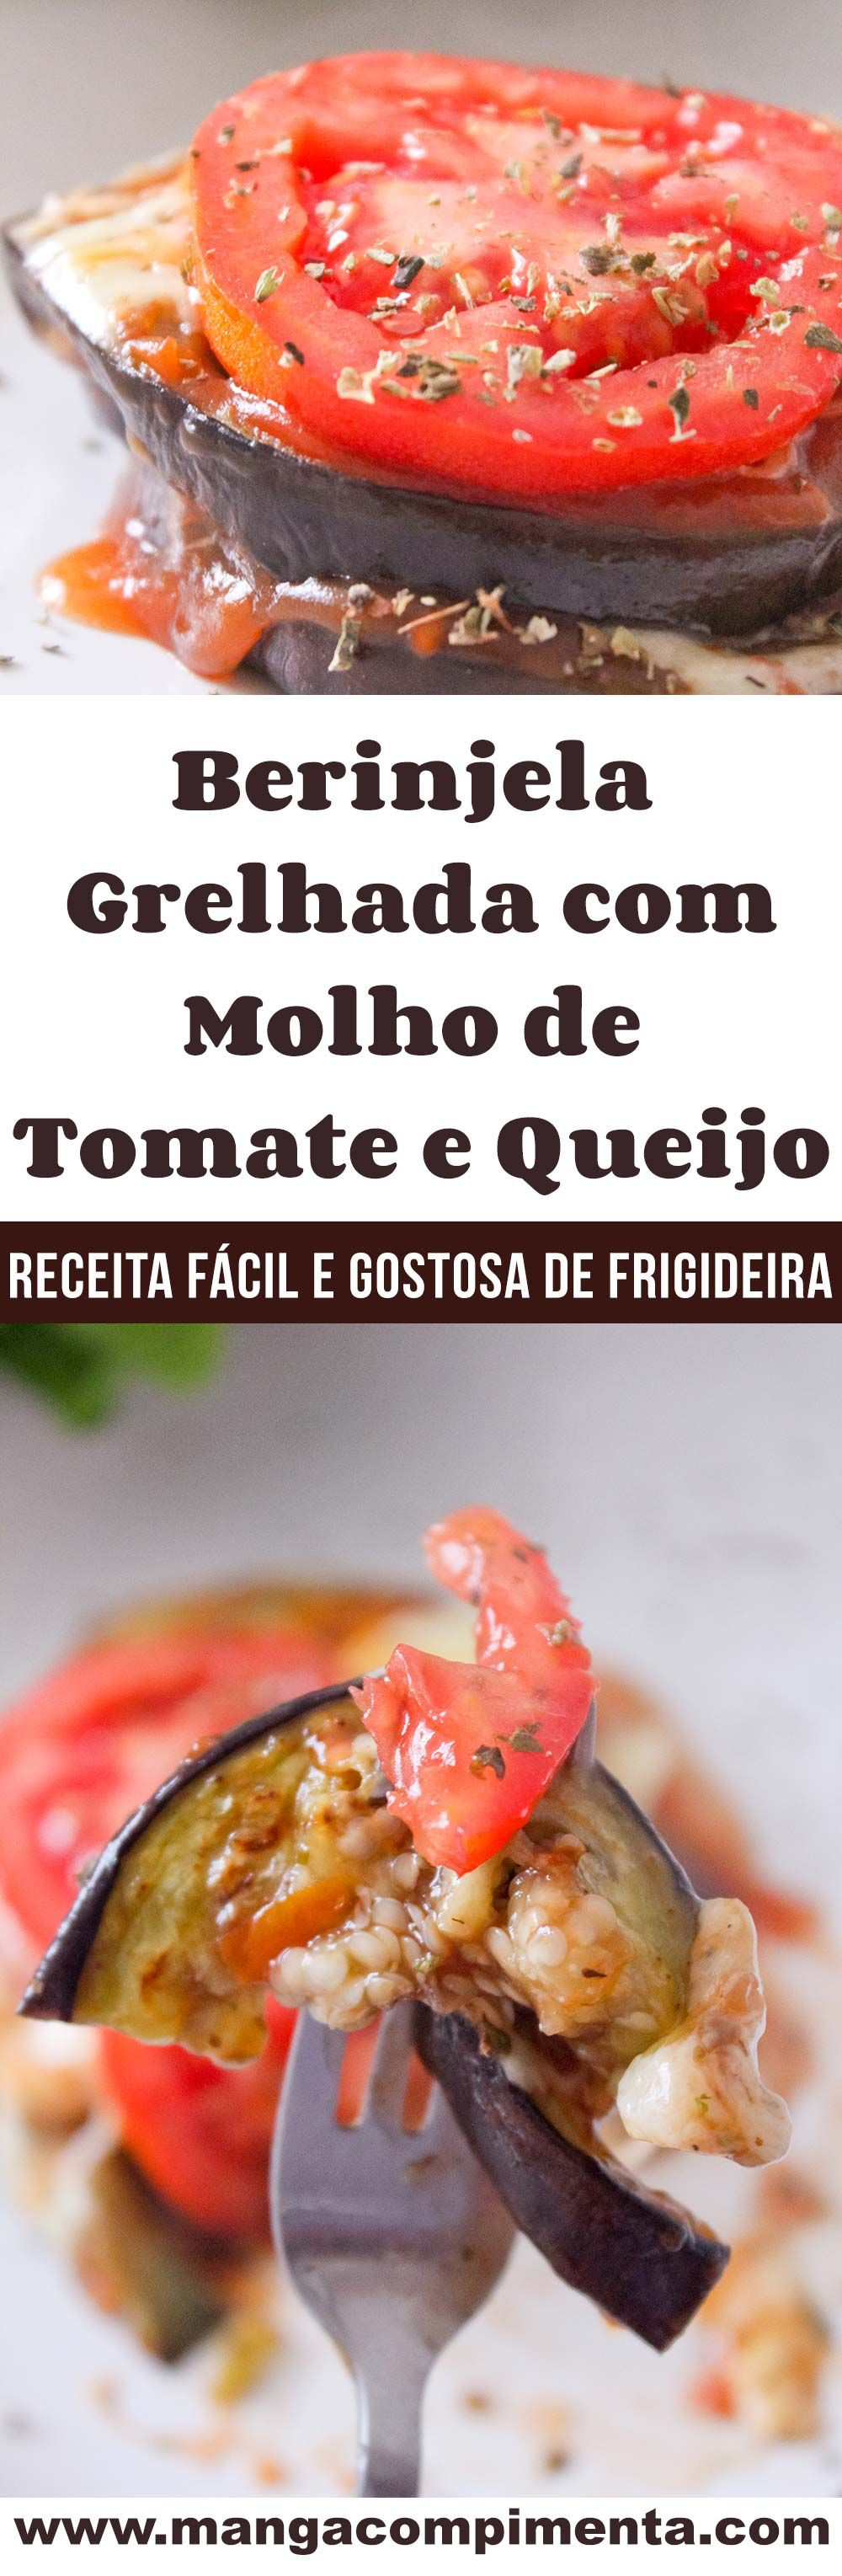 Photo of Berinjela Grelhada com Molho de Tomate e Queijo – Um prato delicioso para o almoço da semana – Manga com Pimenta